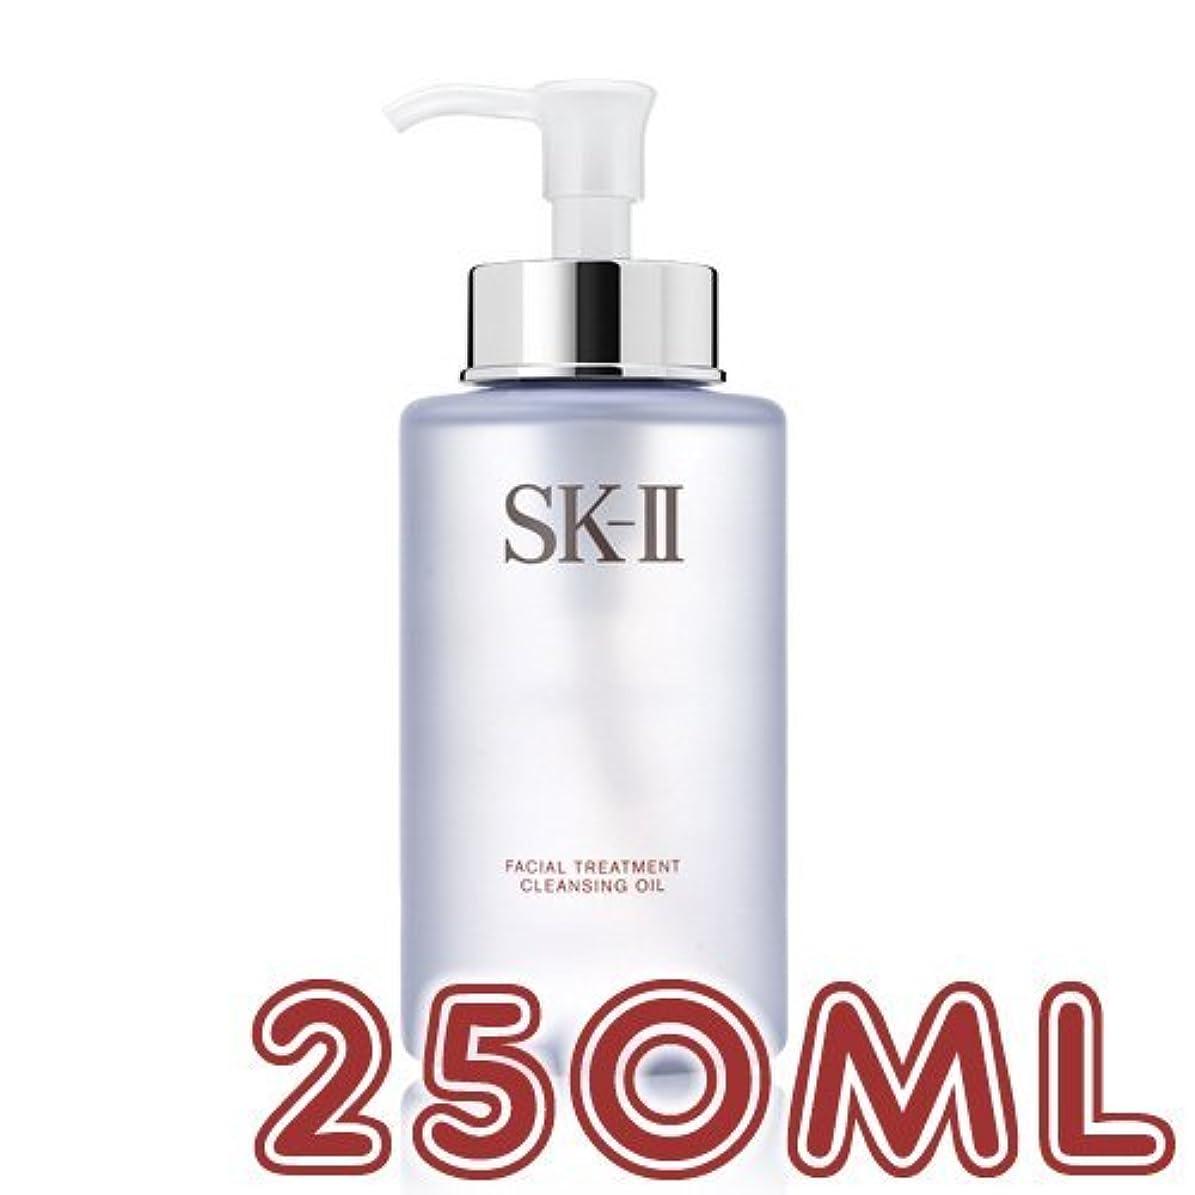 強化うねる高価な【SK-II】 フェイシャルトリートメントクレンジングオイル 250ml(並行輸入品)